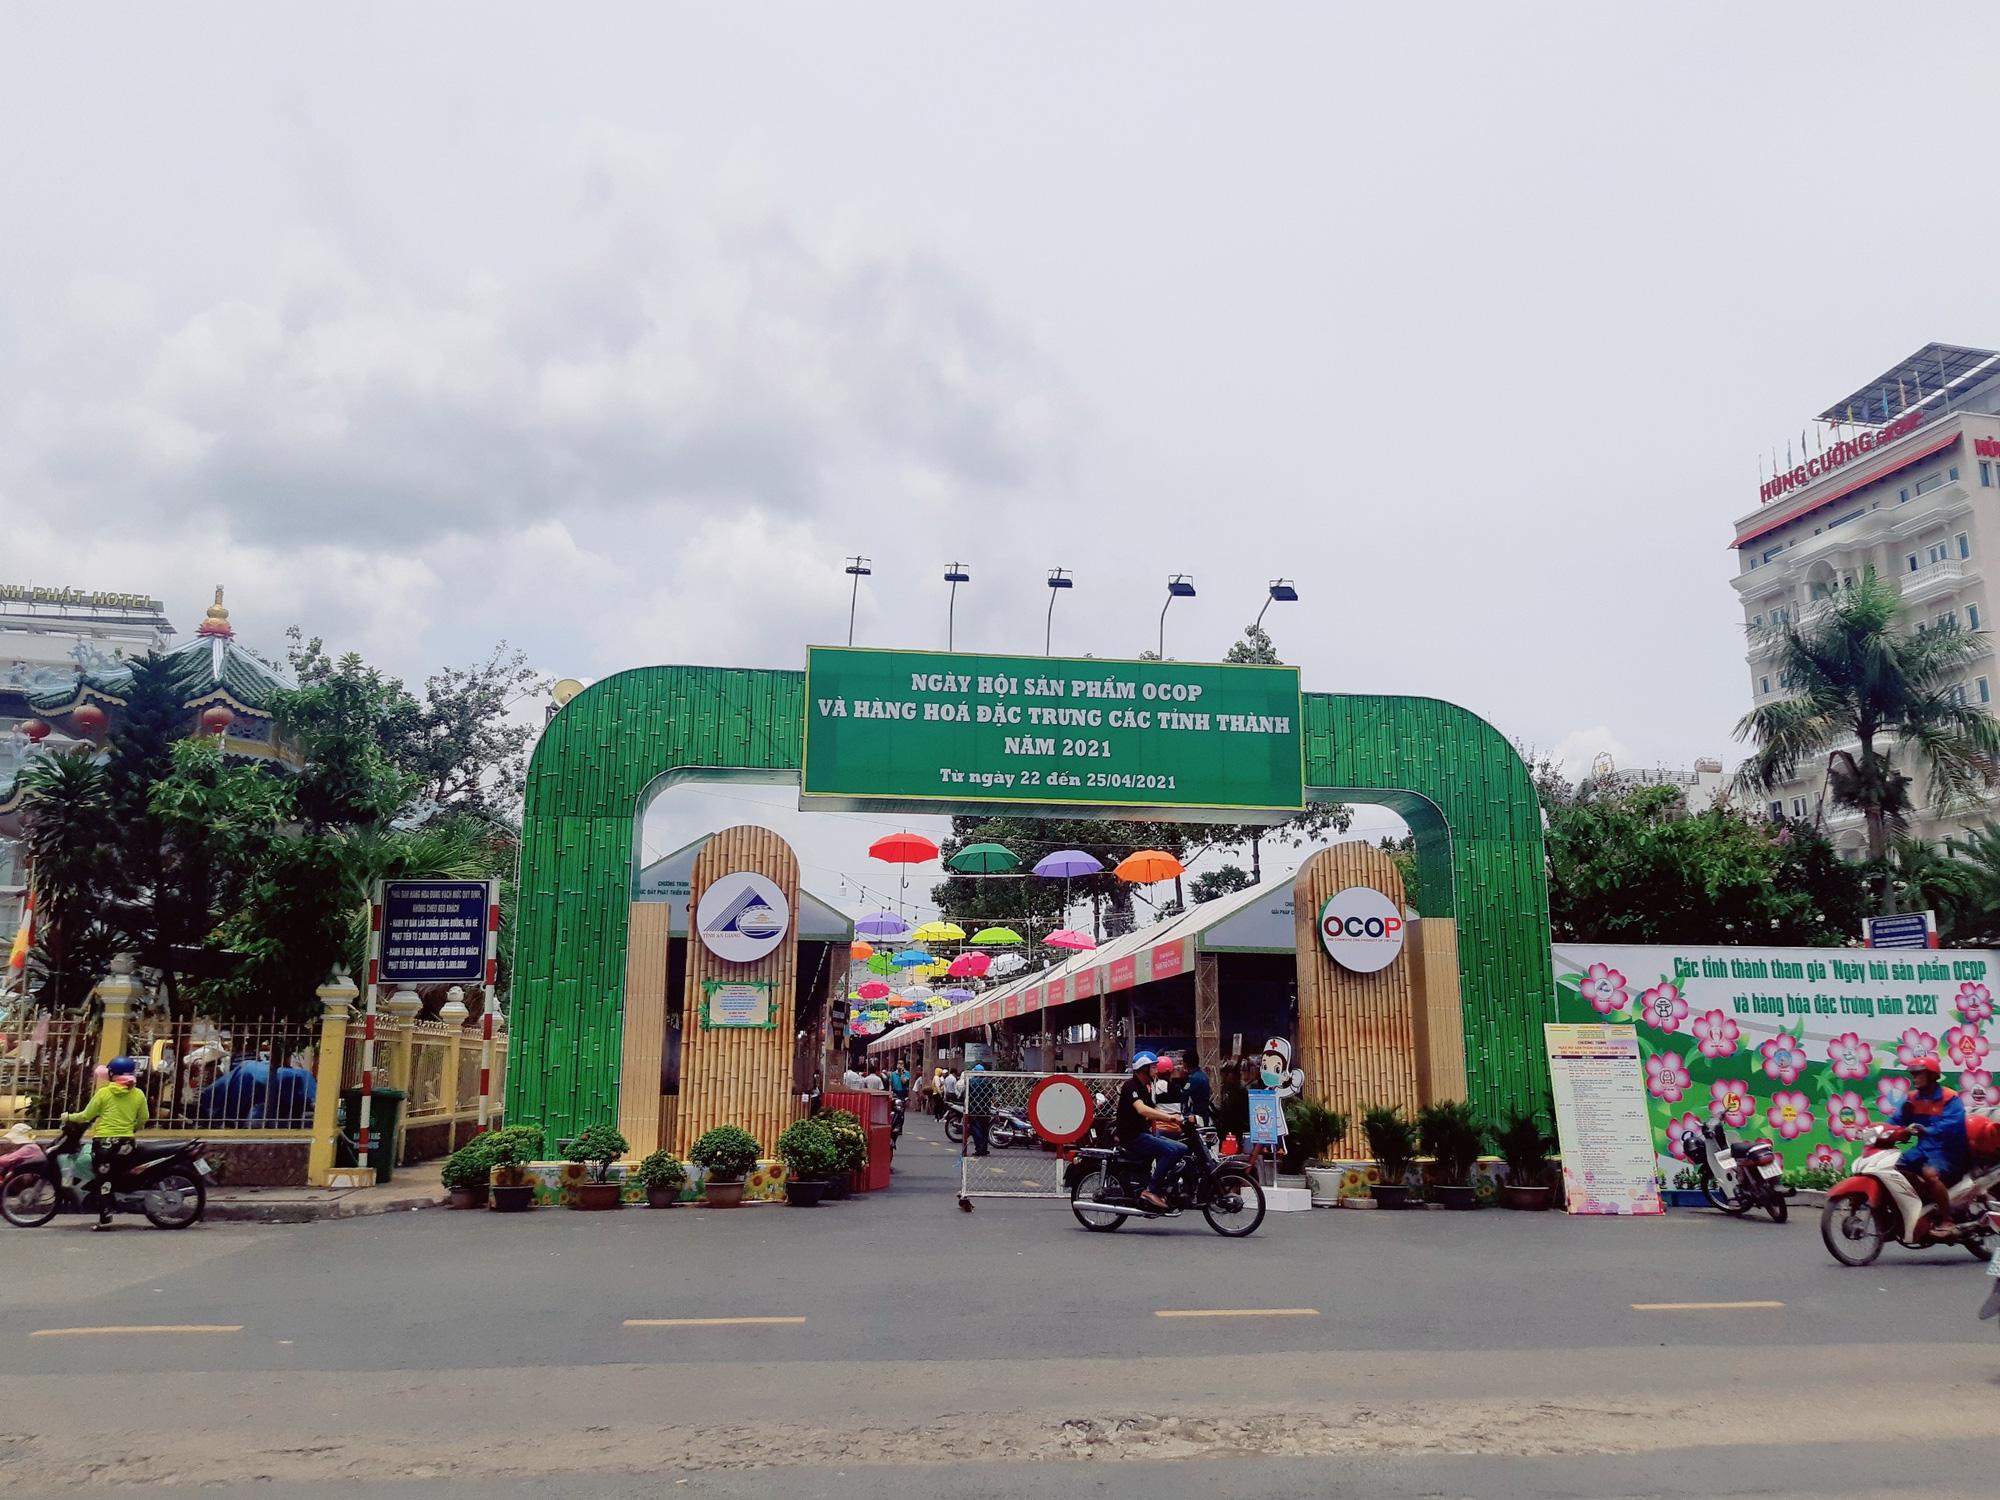 Sản phẩm OCOP 24 tỉnh, thành hội tụ tại Châu Đốc An Giang - Ảnh 1.